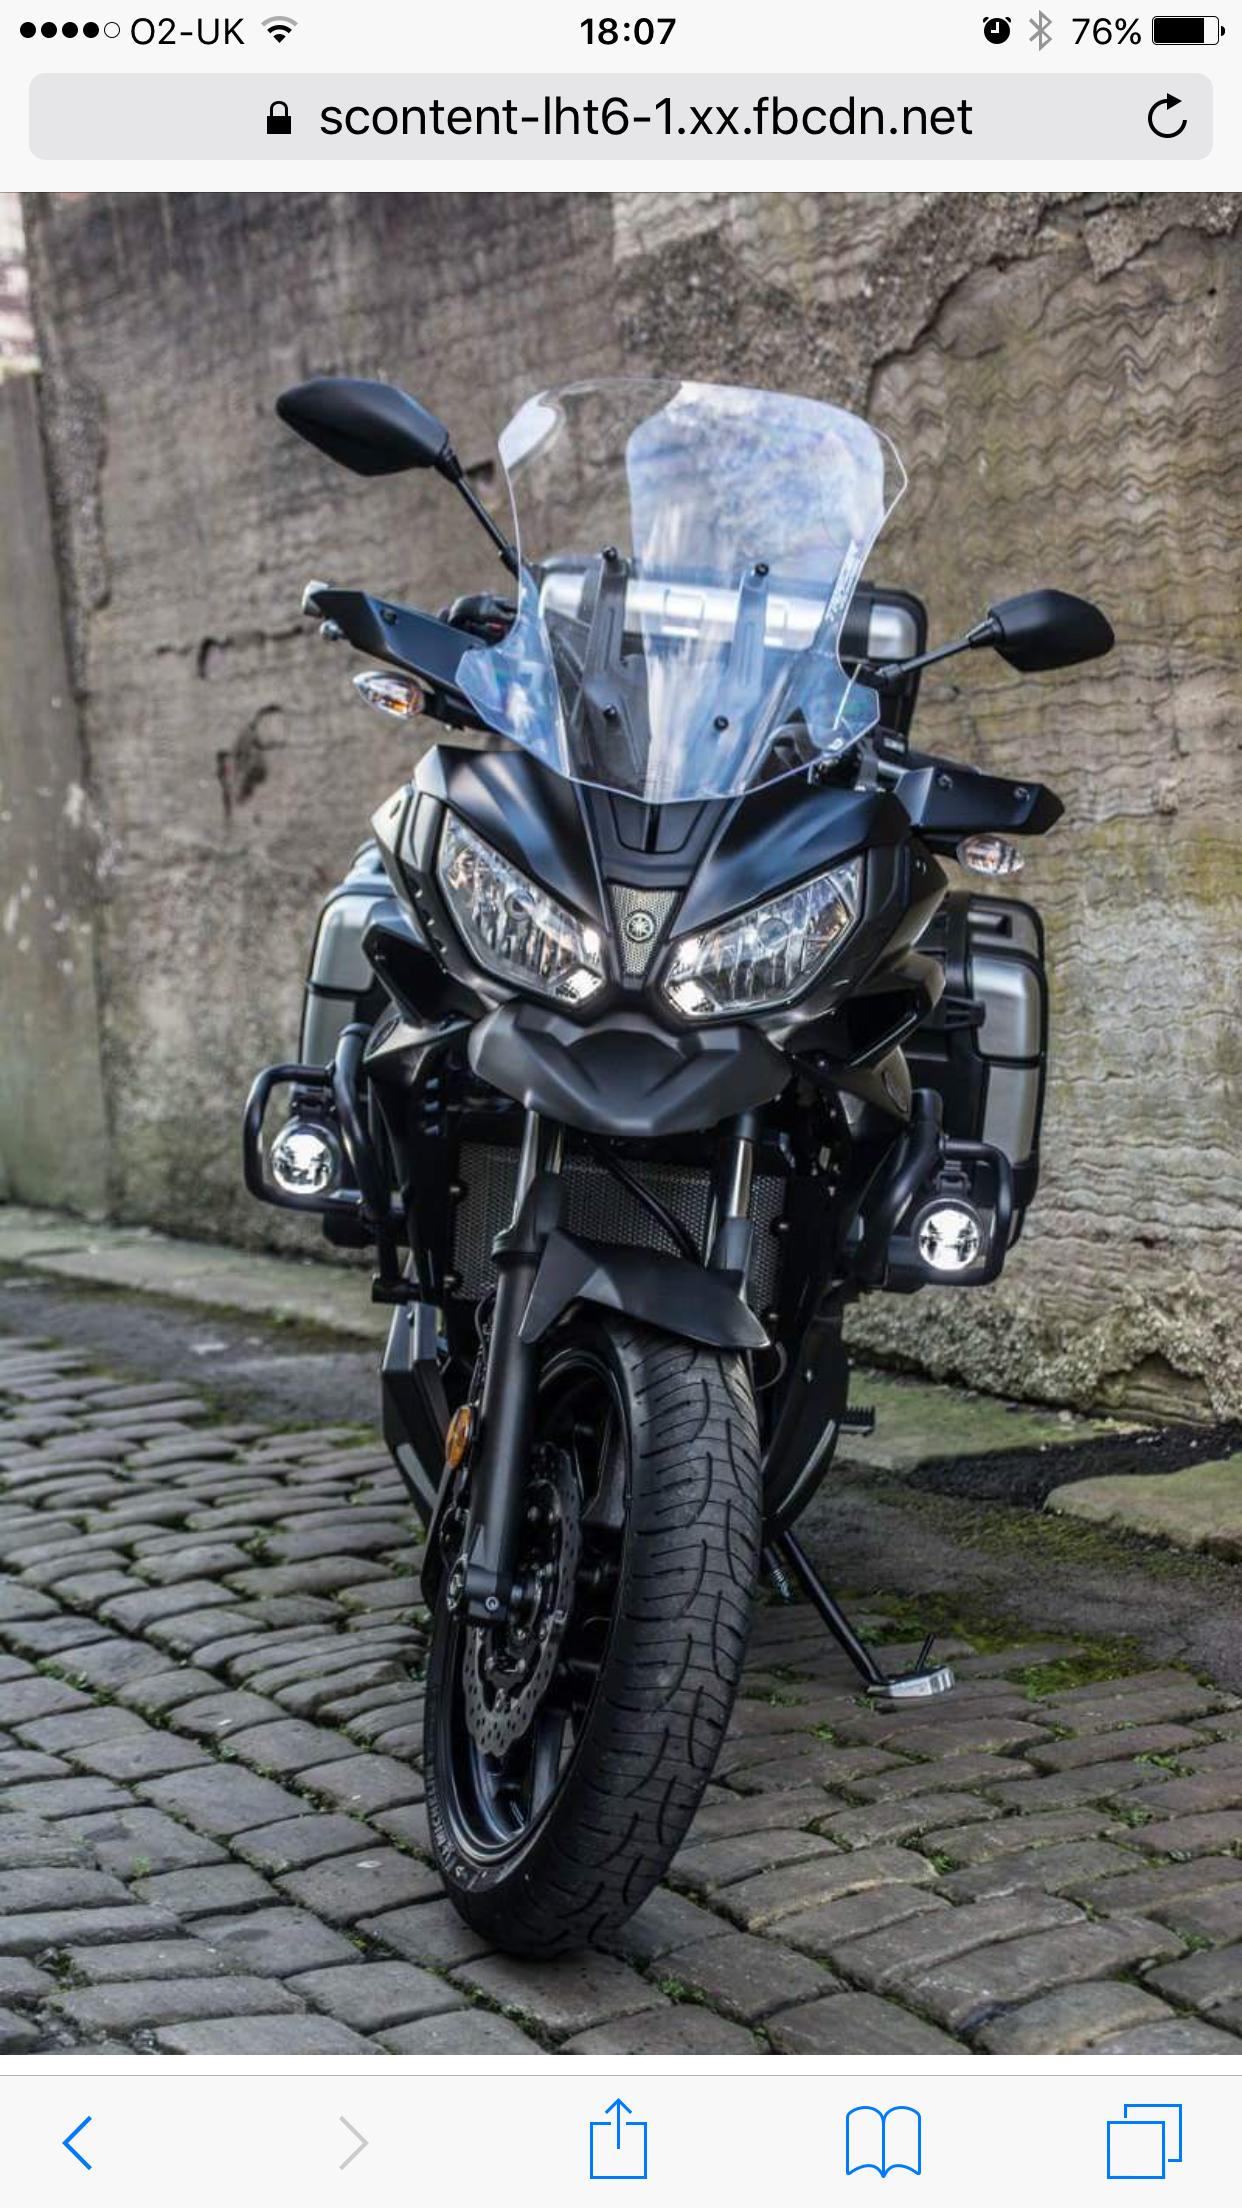 Yamaha tracer 700 otomotoyacht pinterest touring for Yamaha tracer 700